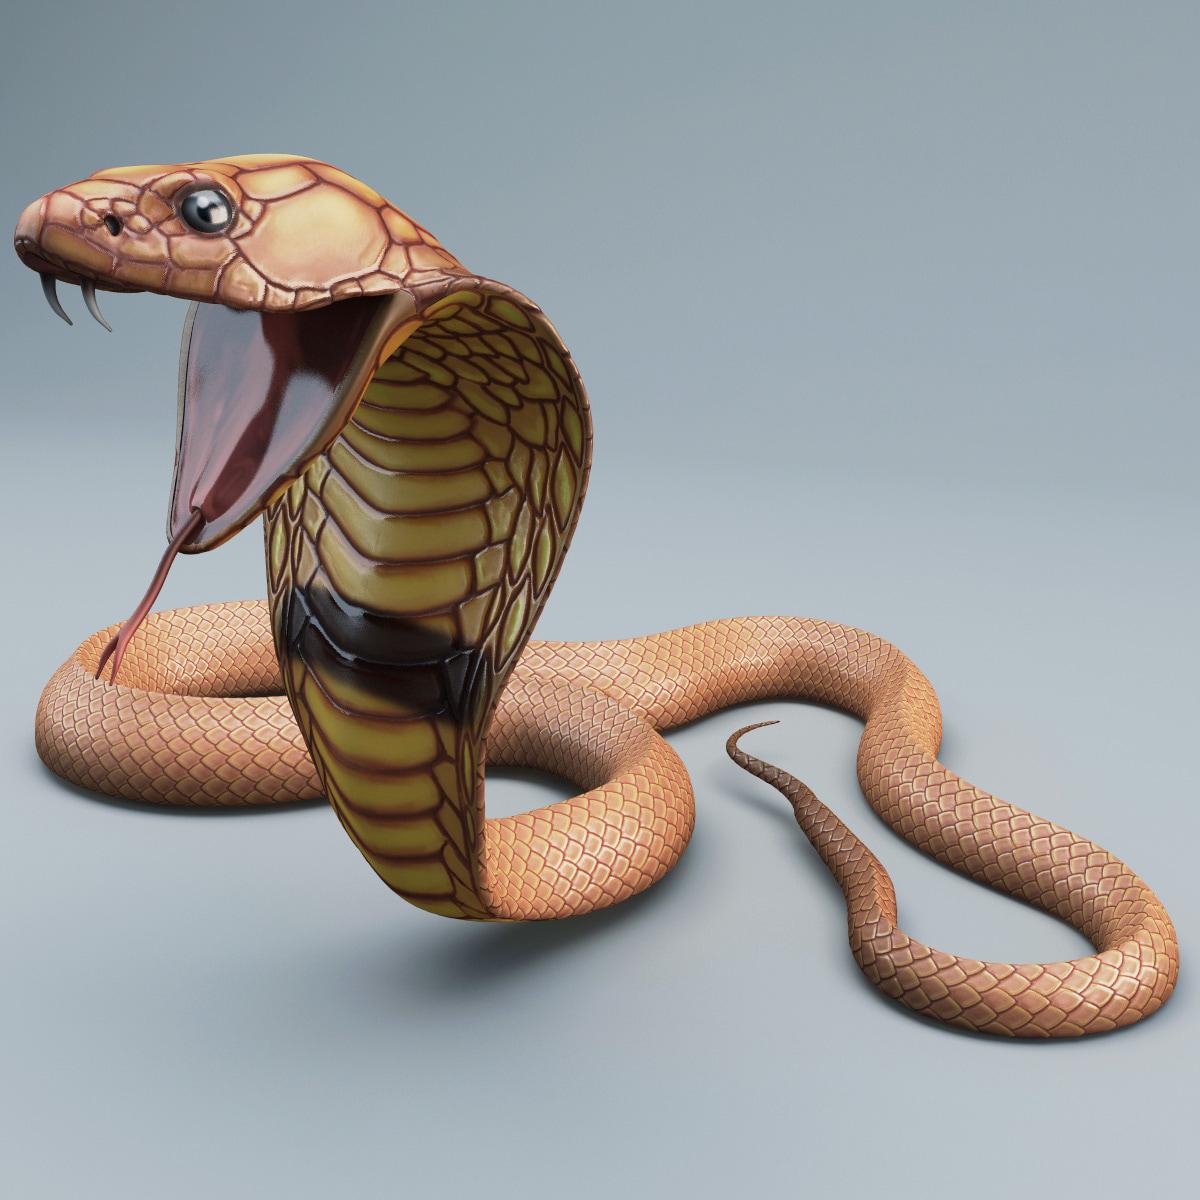 Snake_Cobra_Pose_4_002.jpg